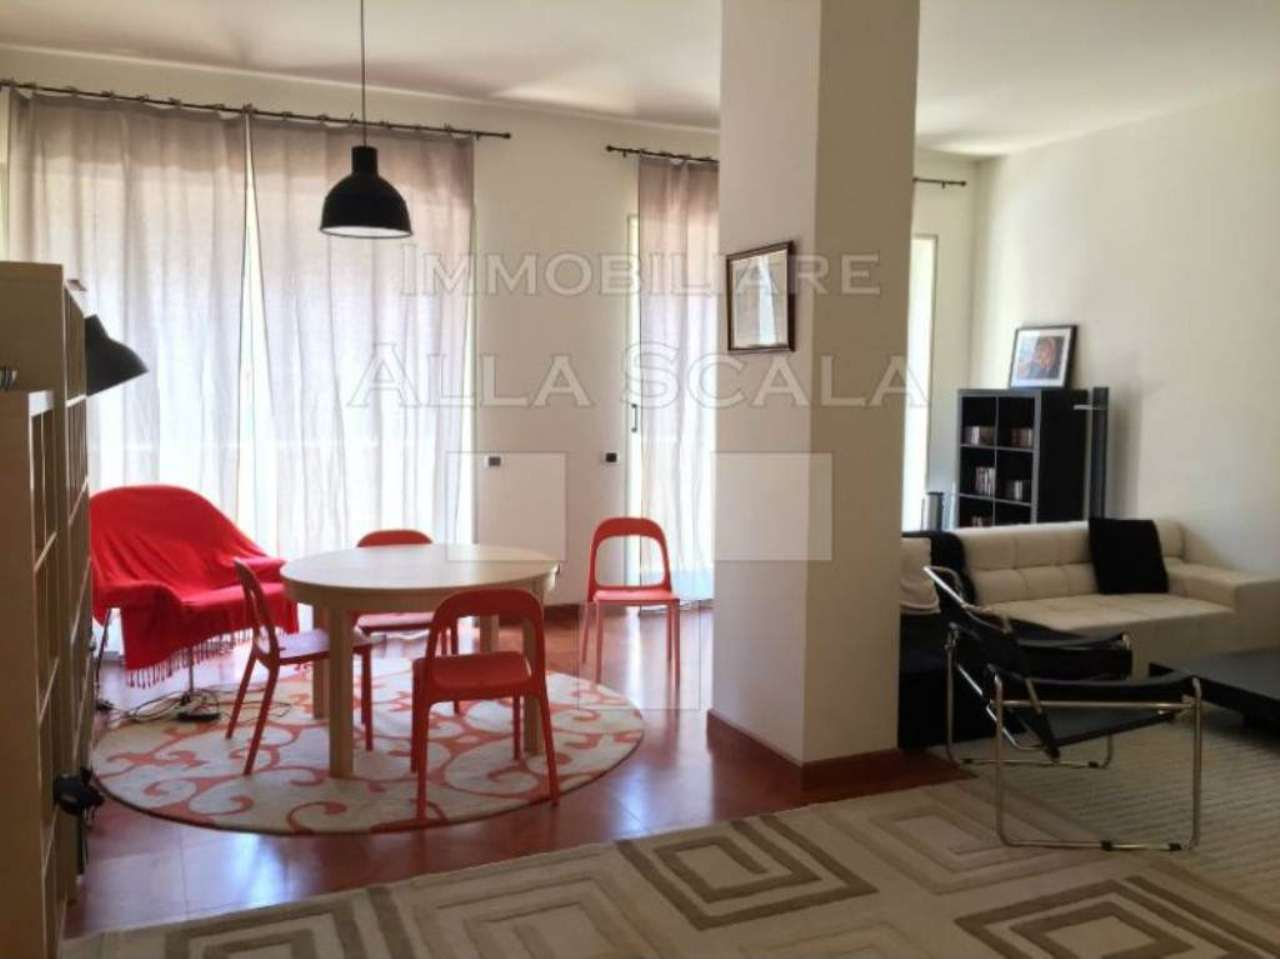 Appartamento in affitto a milano via cappuccini for Appartamento design affitto milano